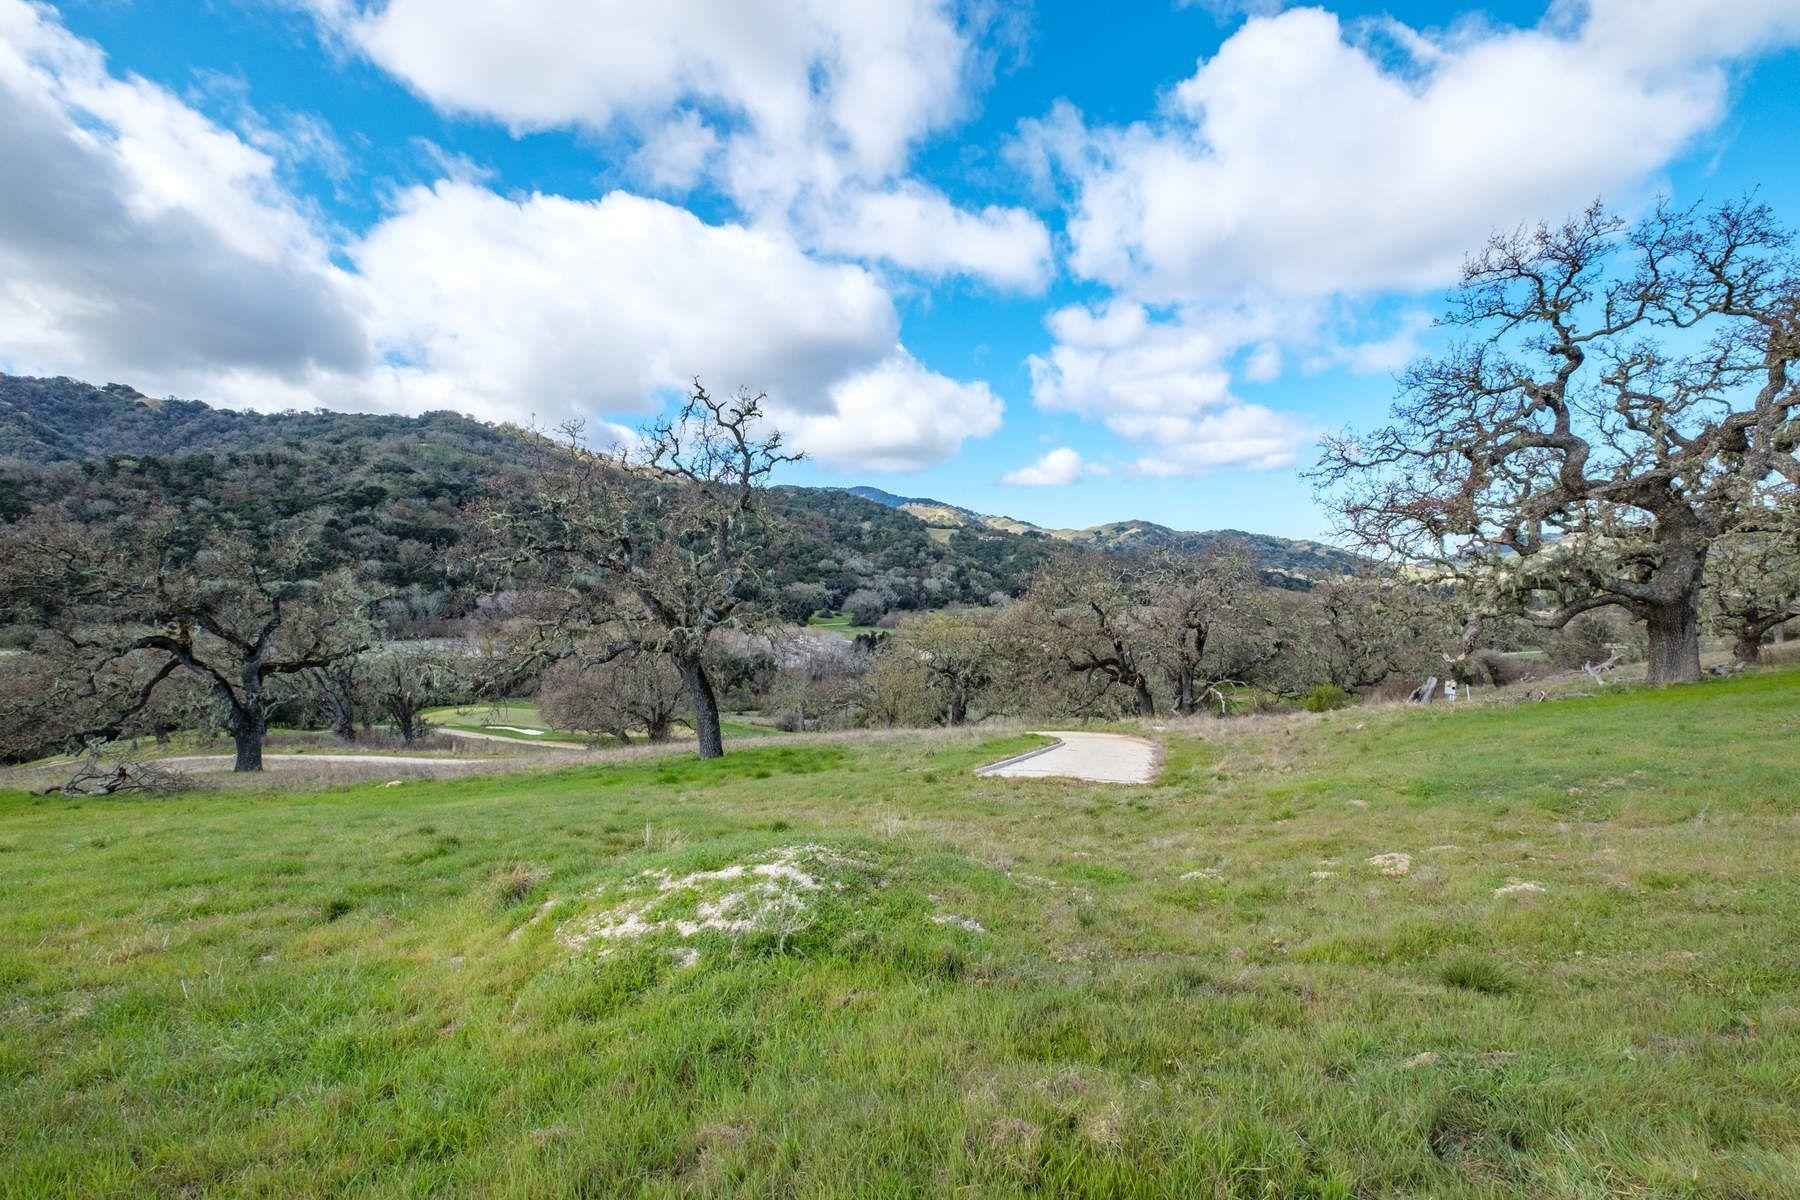 토지 용 매매 에 Panoramic Golf Course View Parcel 33800 Robinson Canyon Road, Carmel, 캘리포니아, 93924 미국